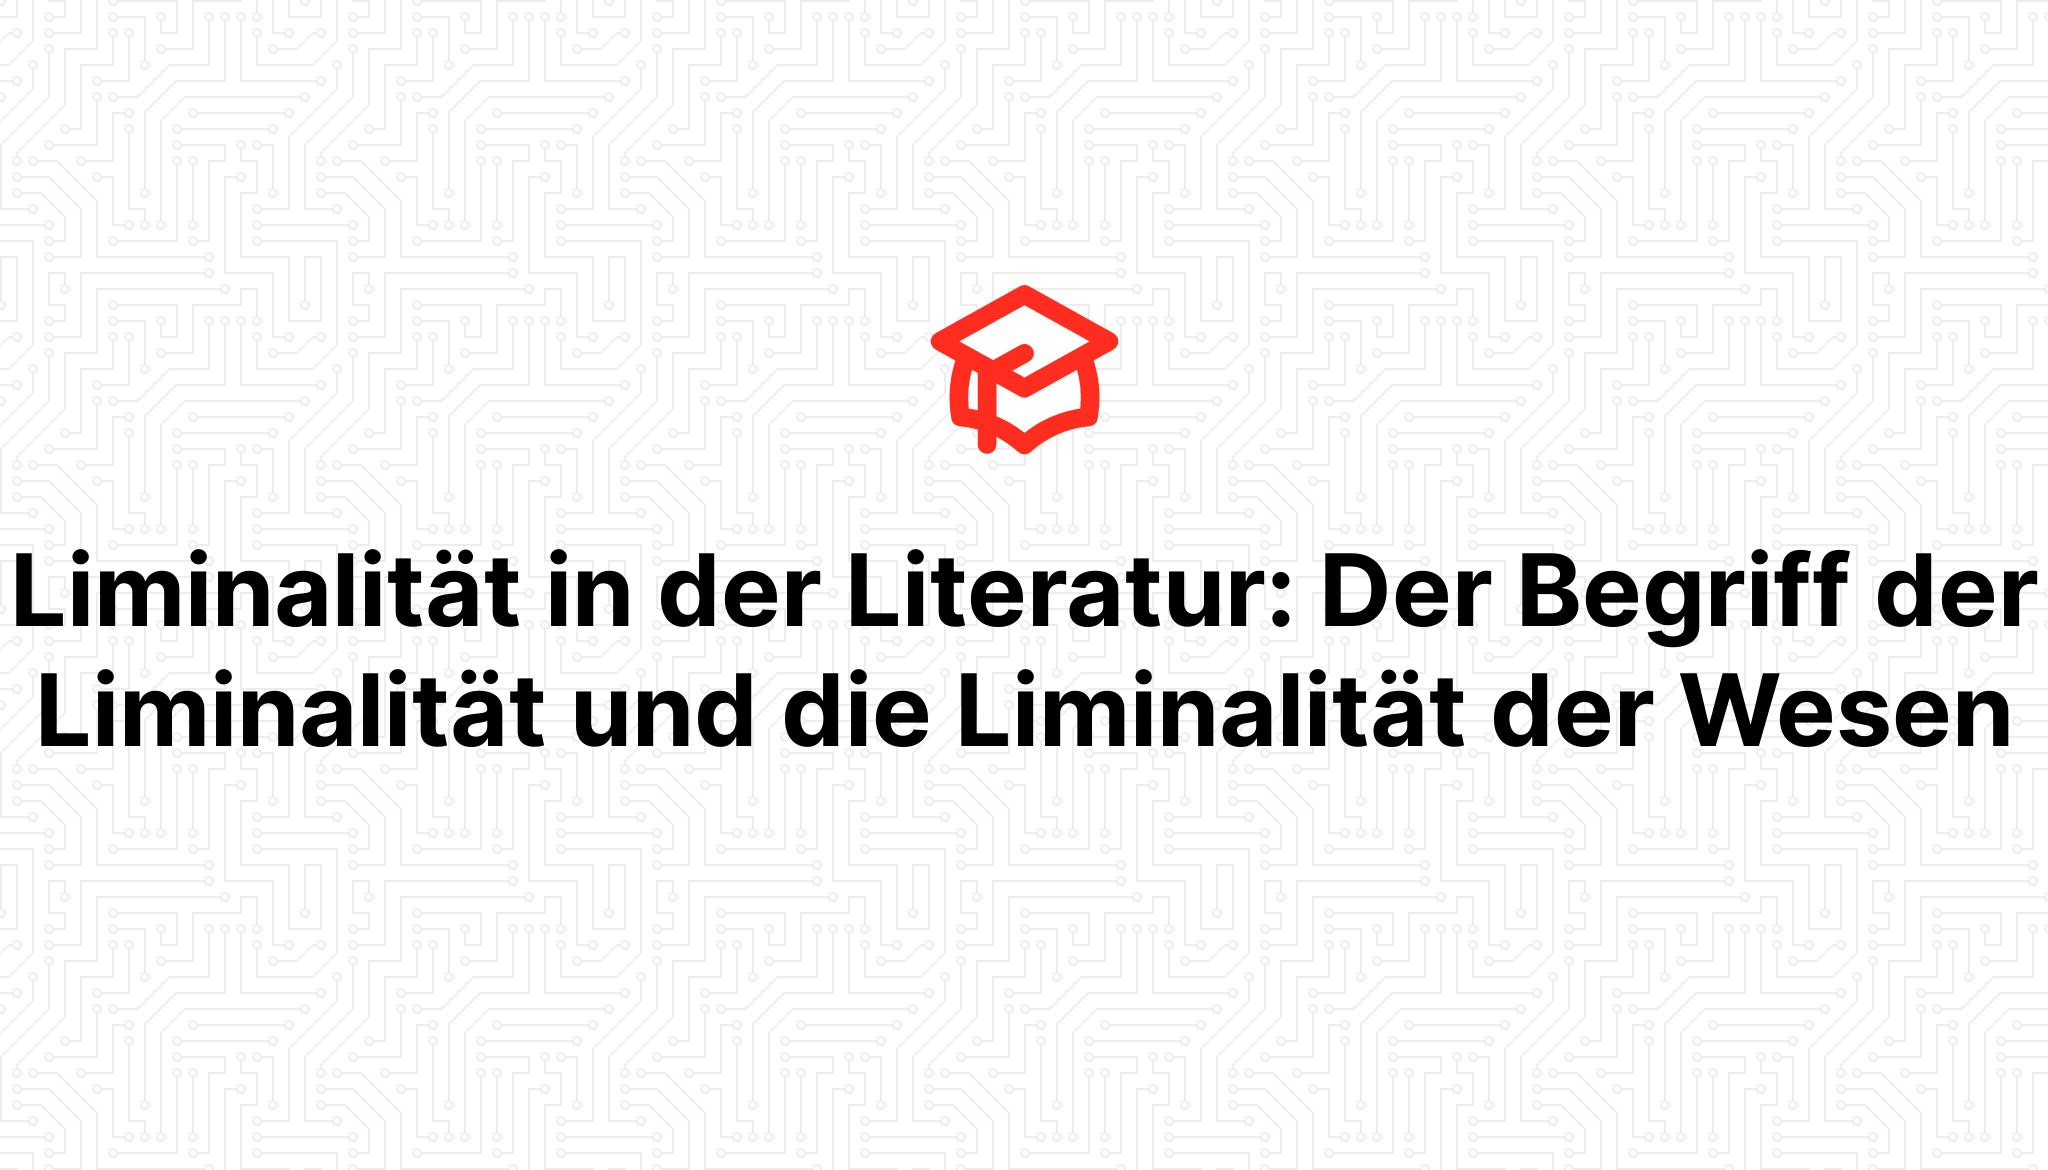 Liminalität in der Literatur: Der Begriff der Liminalität und die Liminalität der Wesen